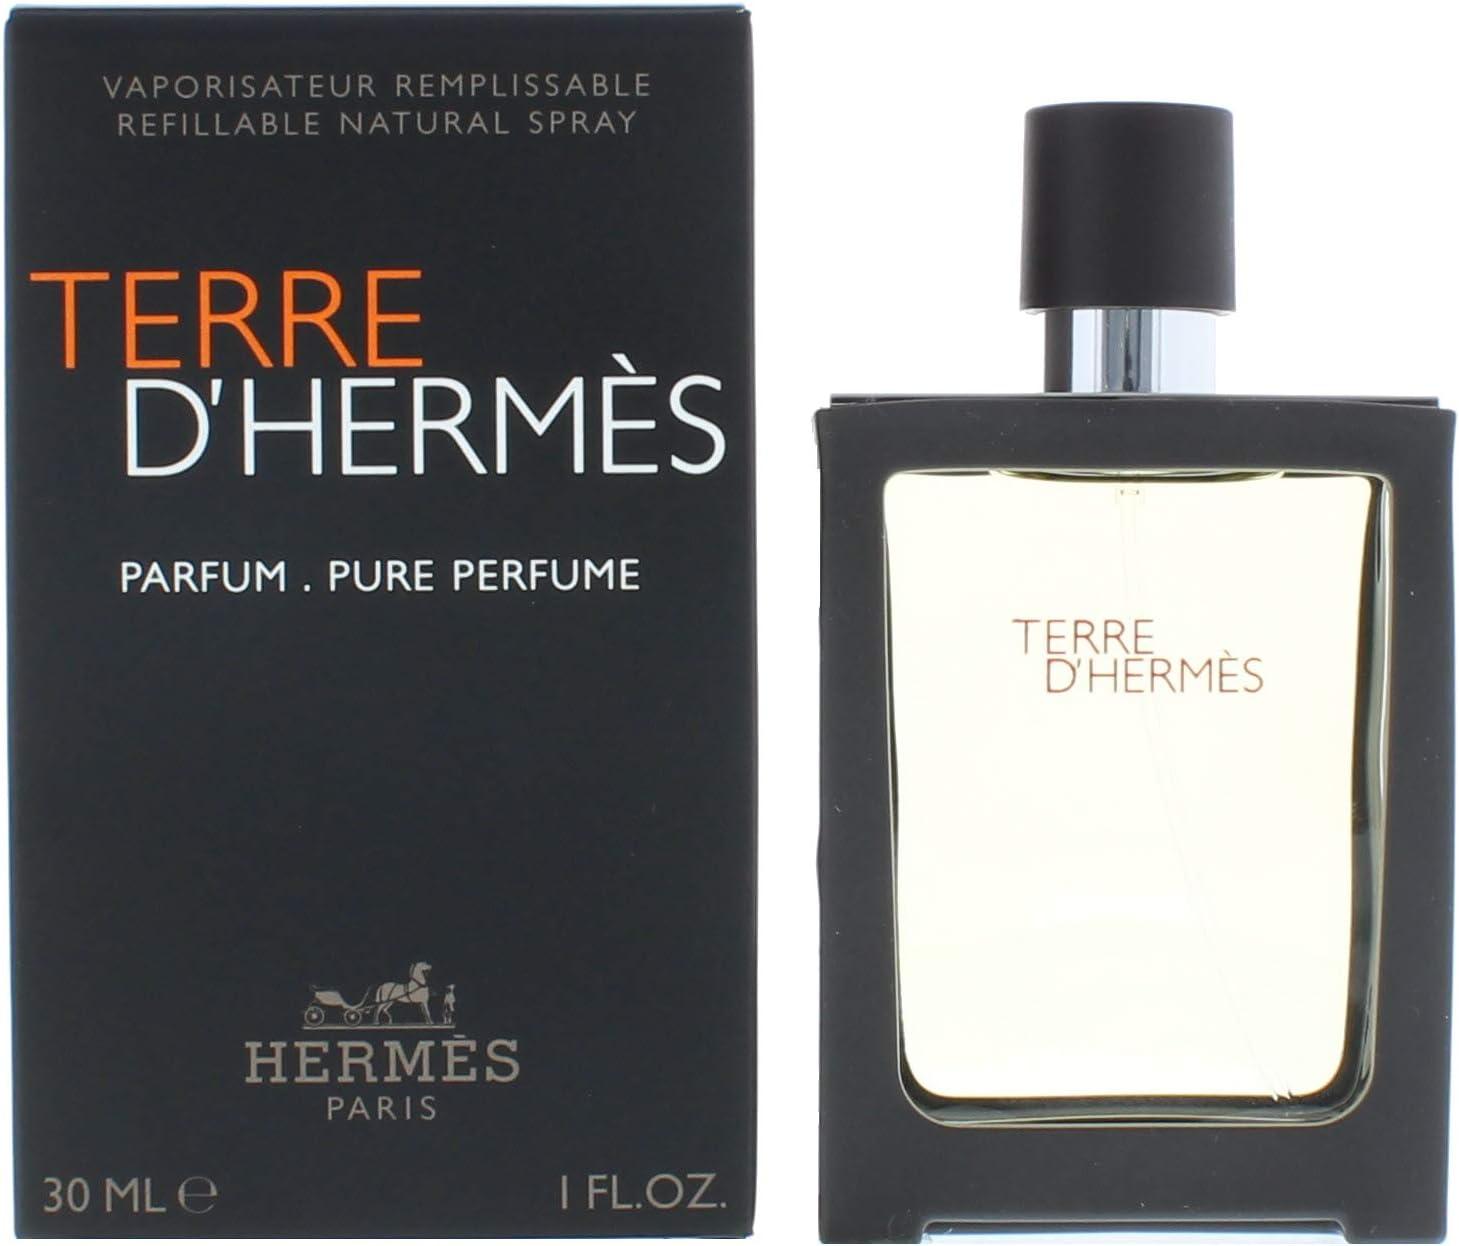 Hermes Terre d'Hermes Pure Perfume